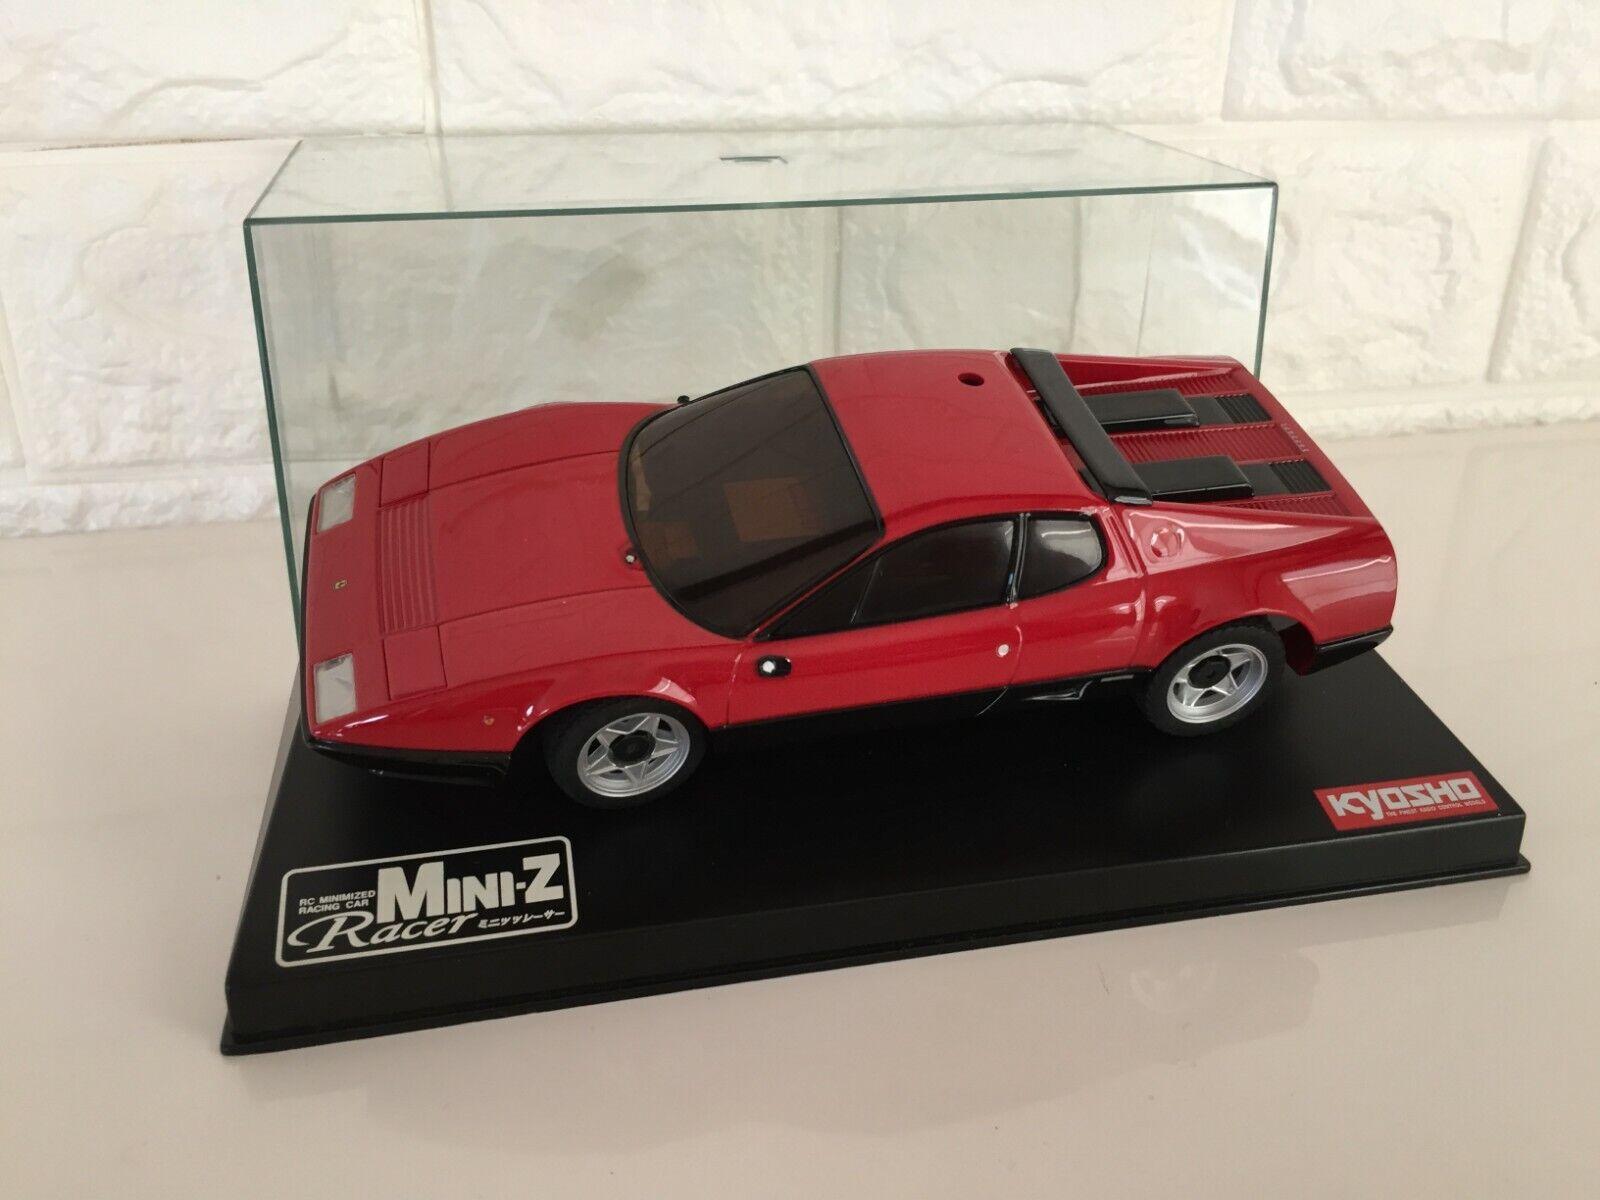 SUPER Rare Kyosho MINI-Z Racer corpo Ferrari rosso  512BB from JAPAN f s  molte concessioni